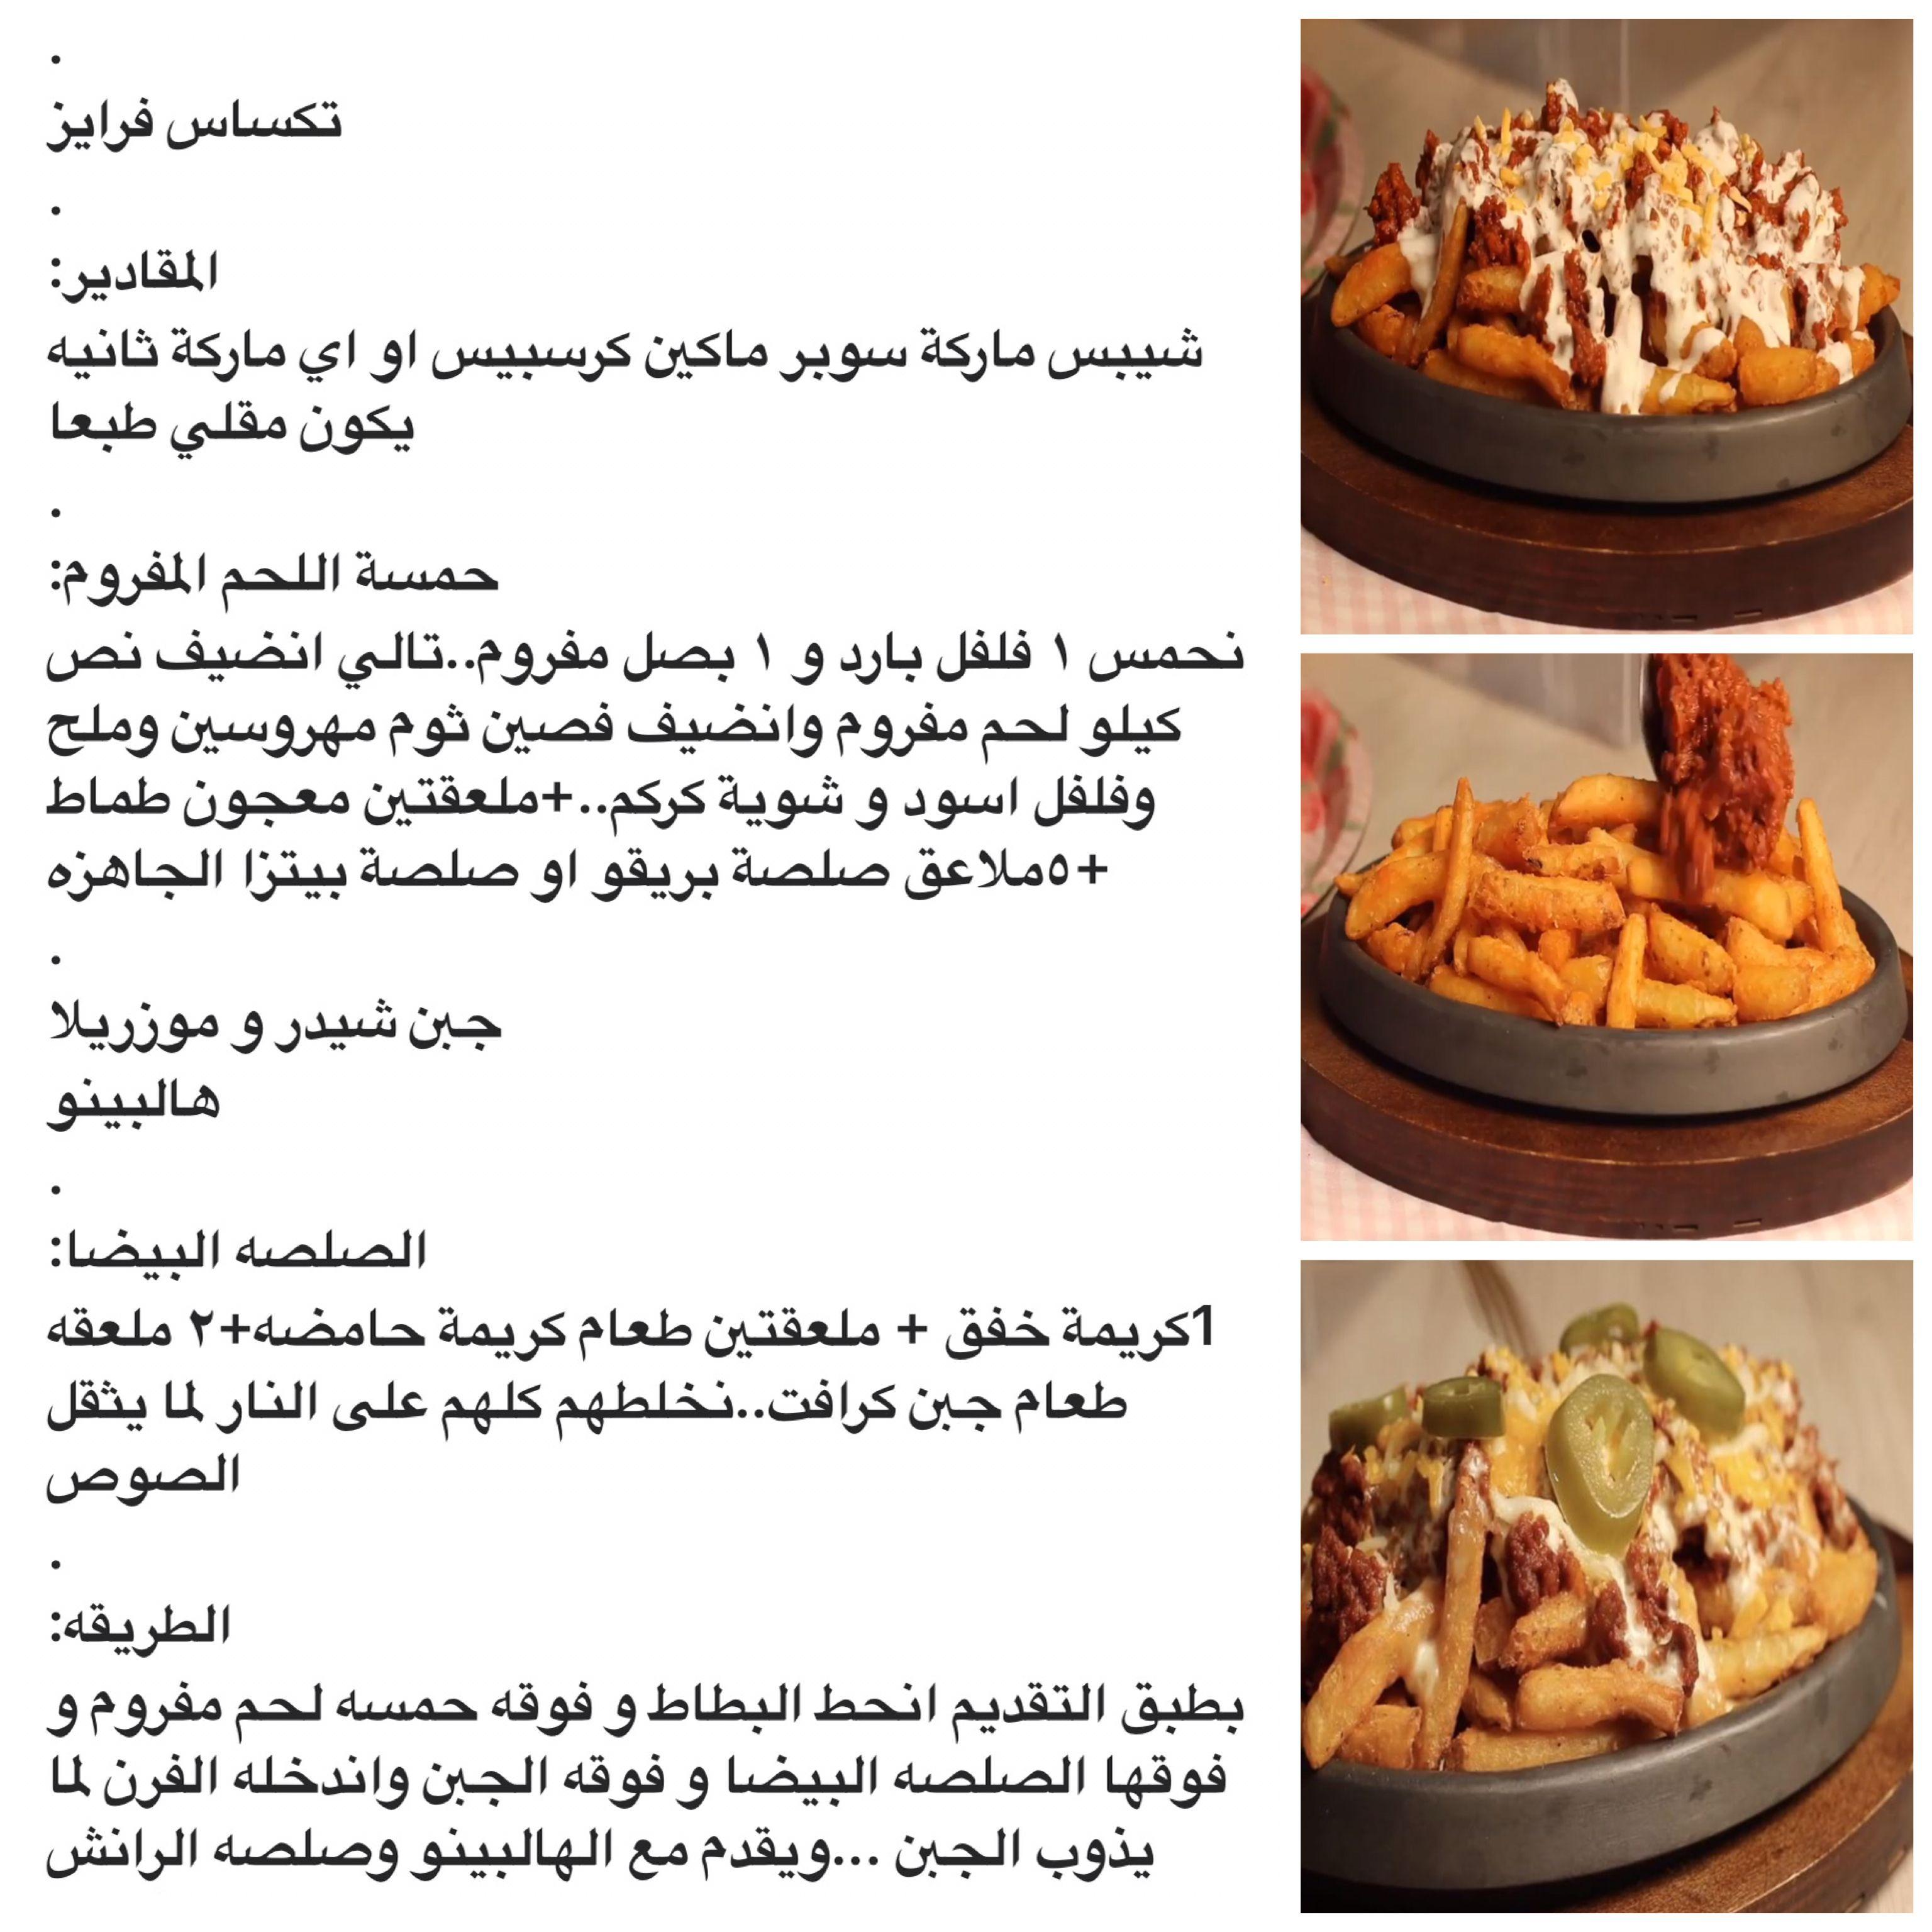 تكساس فرايز باللحم المفروم مكسيكي Recipes Food Arabic Food